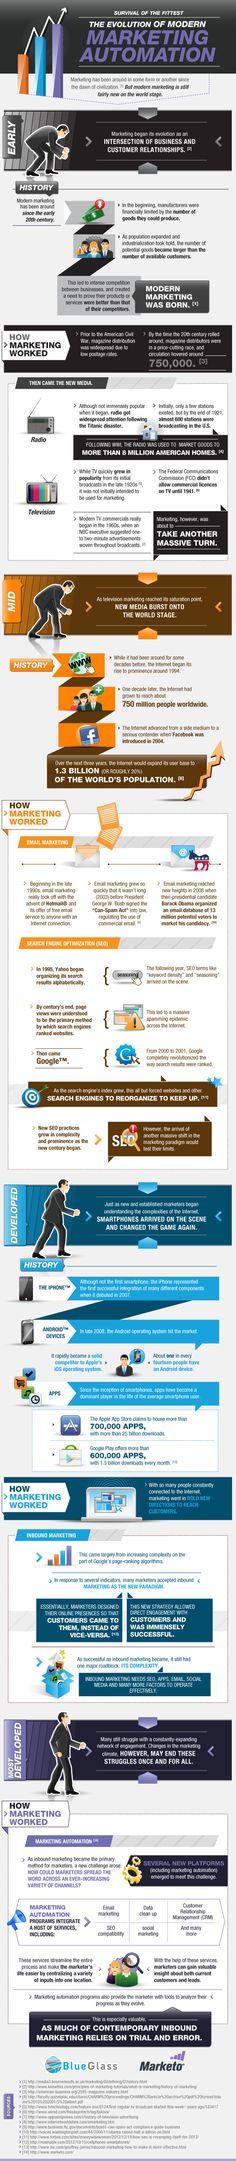 La evolución de la automatización del marketing moderno #infografia #infographic #internet